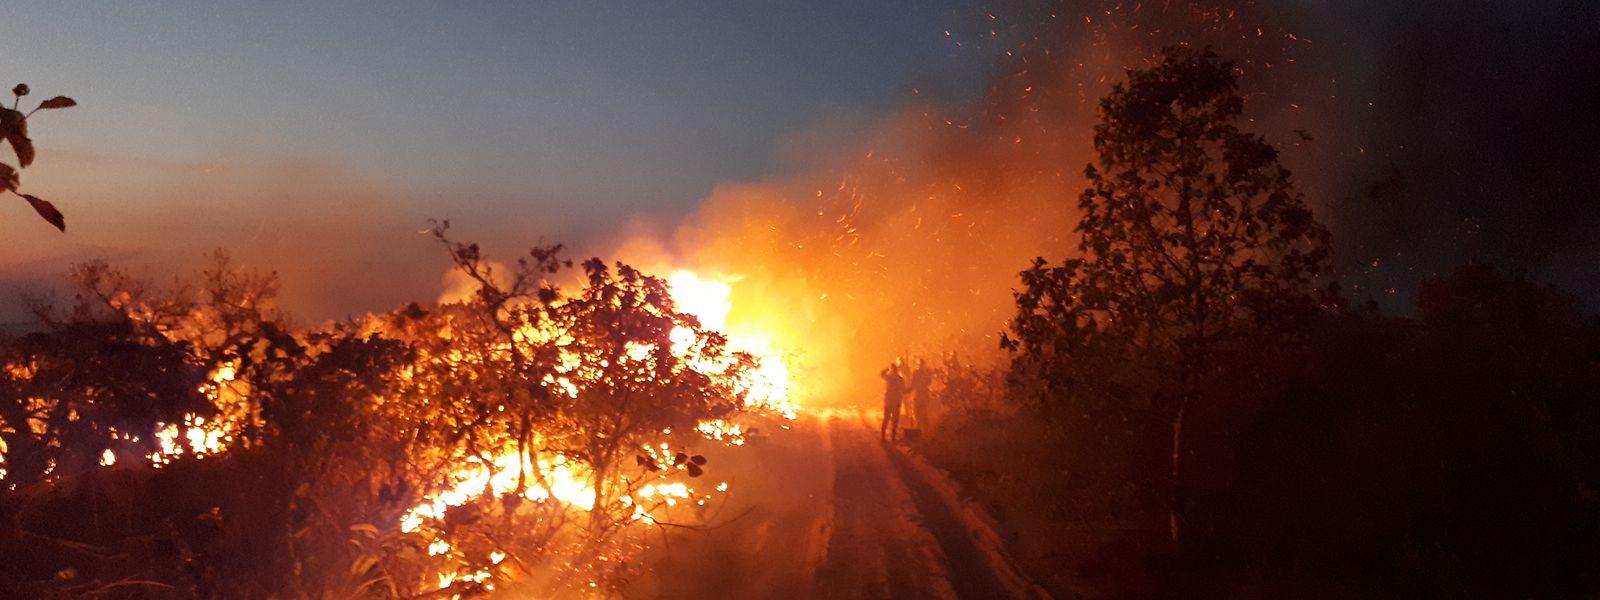 Auf diesem vom Chico Mendes Institut zum Schutz der Artenvielfalt zur Verfügung gestellten Bild beobachtet eine Gruppe die Flammen bei einem Waldbrand im Naturpark Chapada dos Guimaraes.